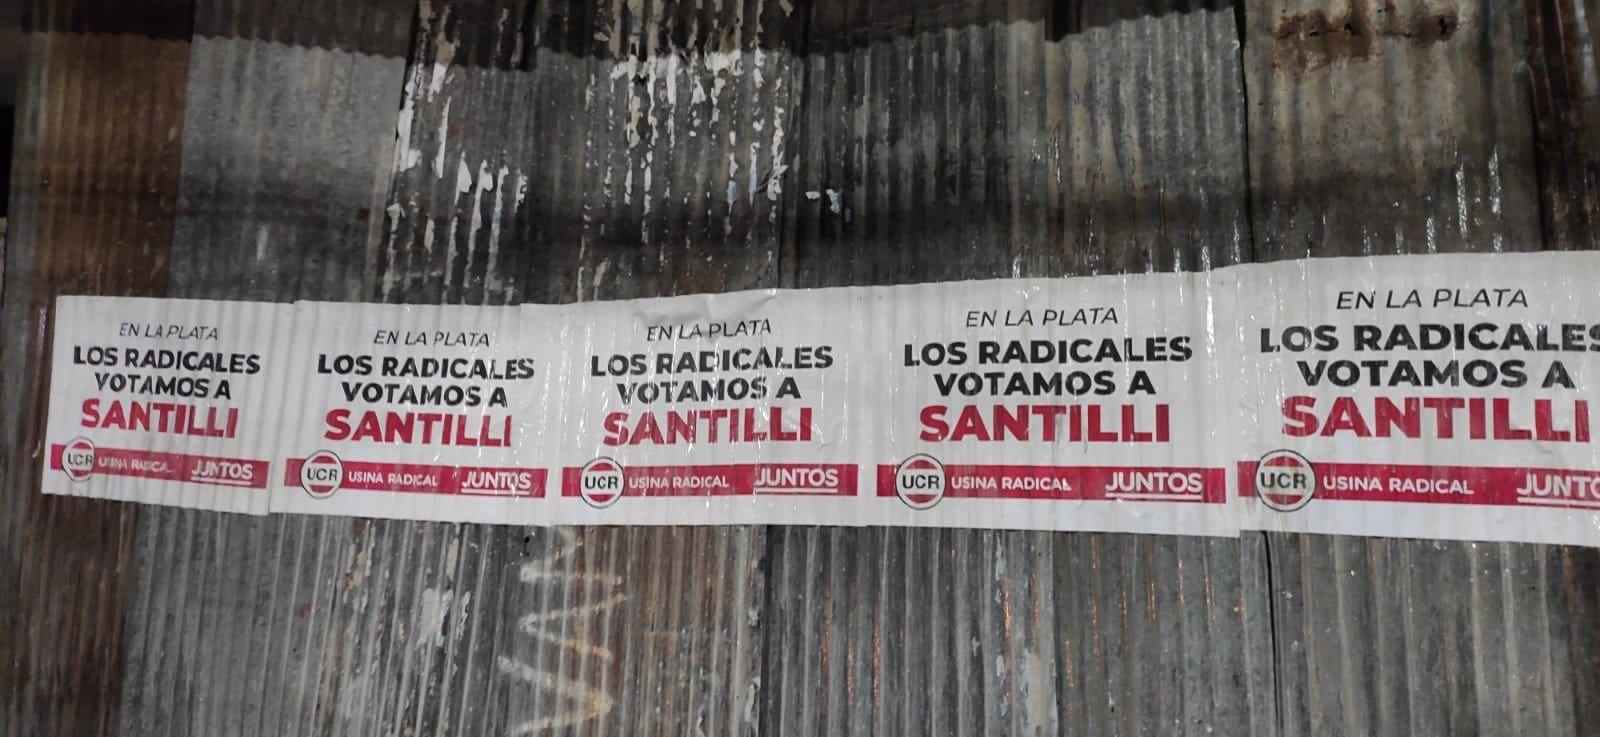 Un sector del radicalismo salió a apoyar a Santilli en La Plata